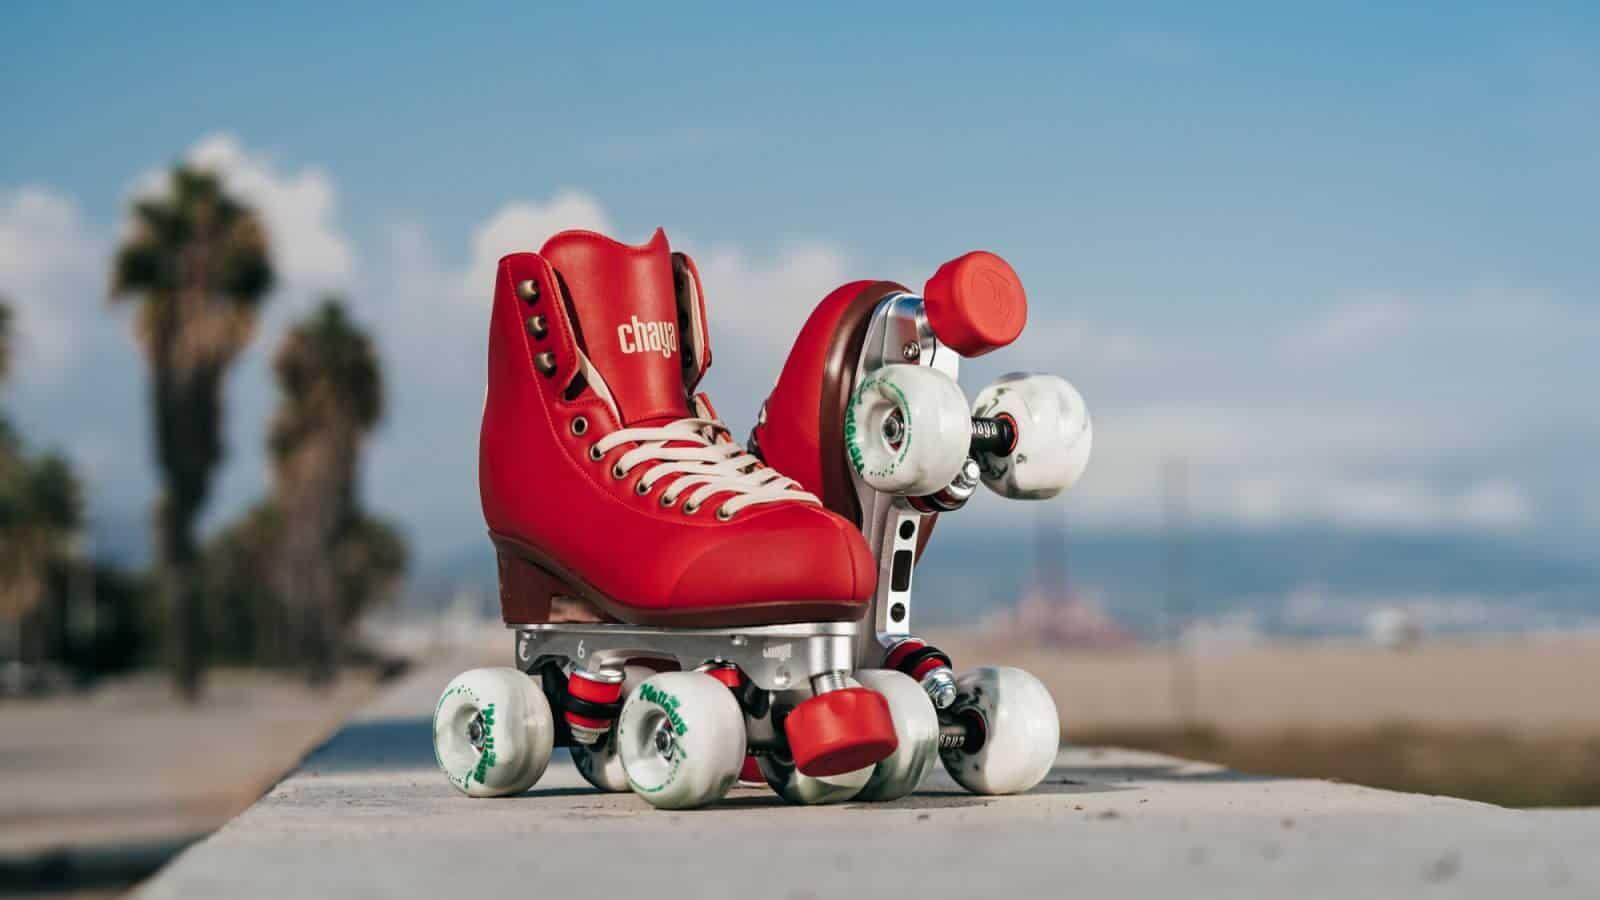 CHAYA Melrose Premium Berry Red Roller Skates